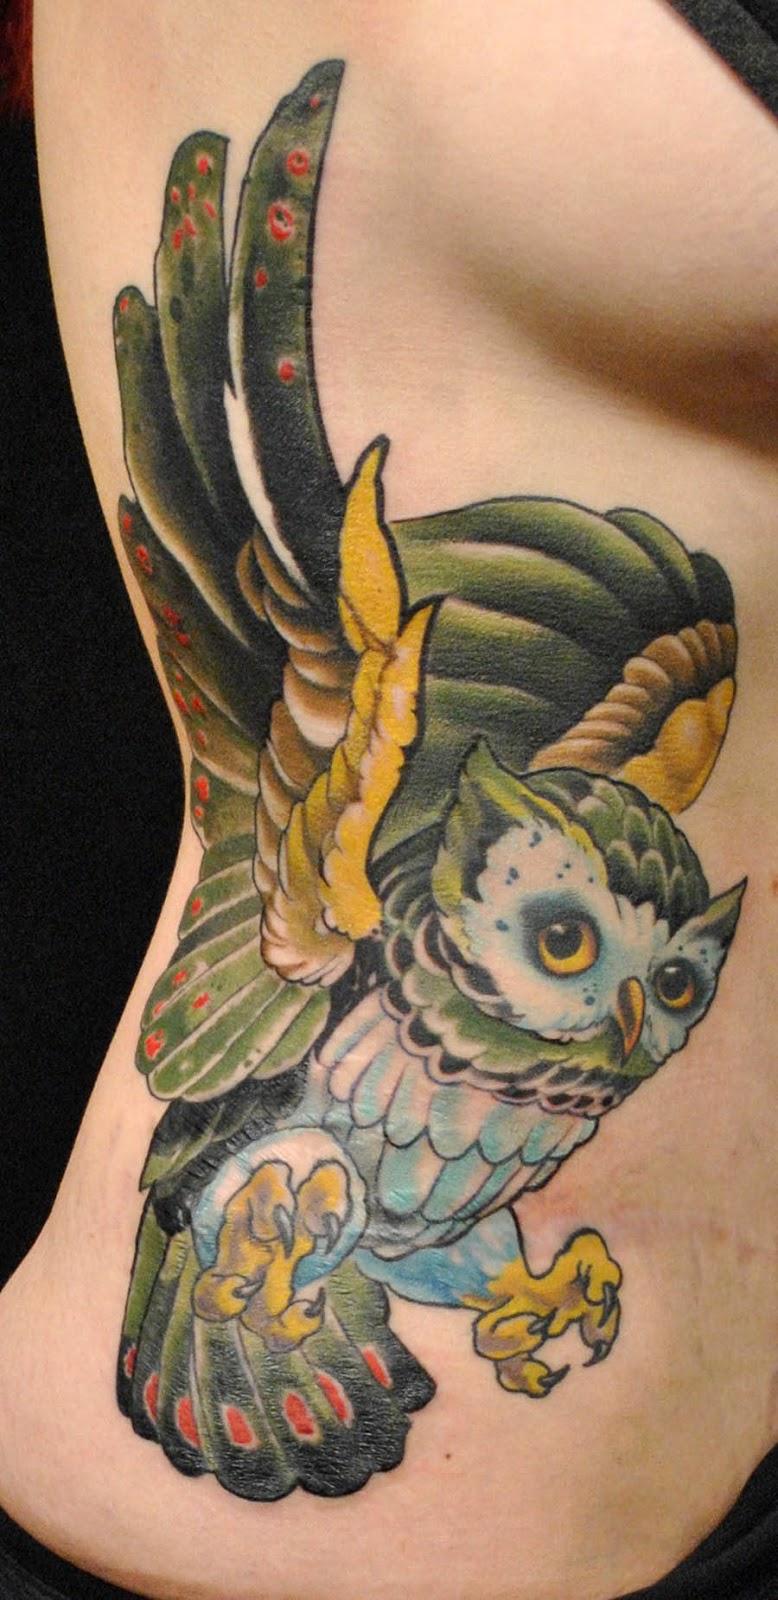 Owl Tattoos3D Tattoos